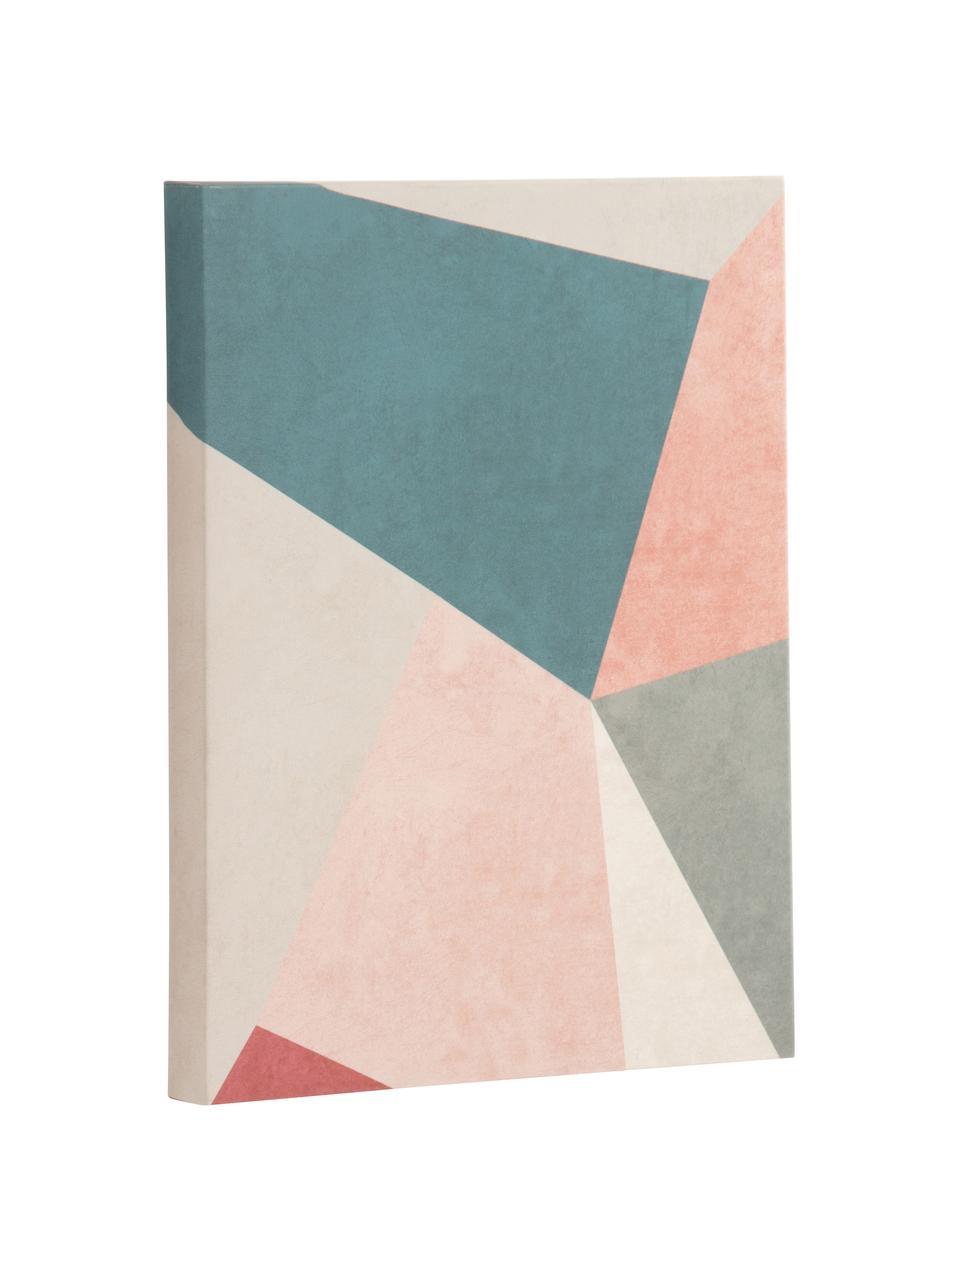 Obrázek na plátně Kyrene, Více barev